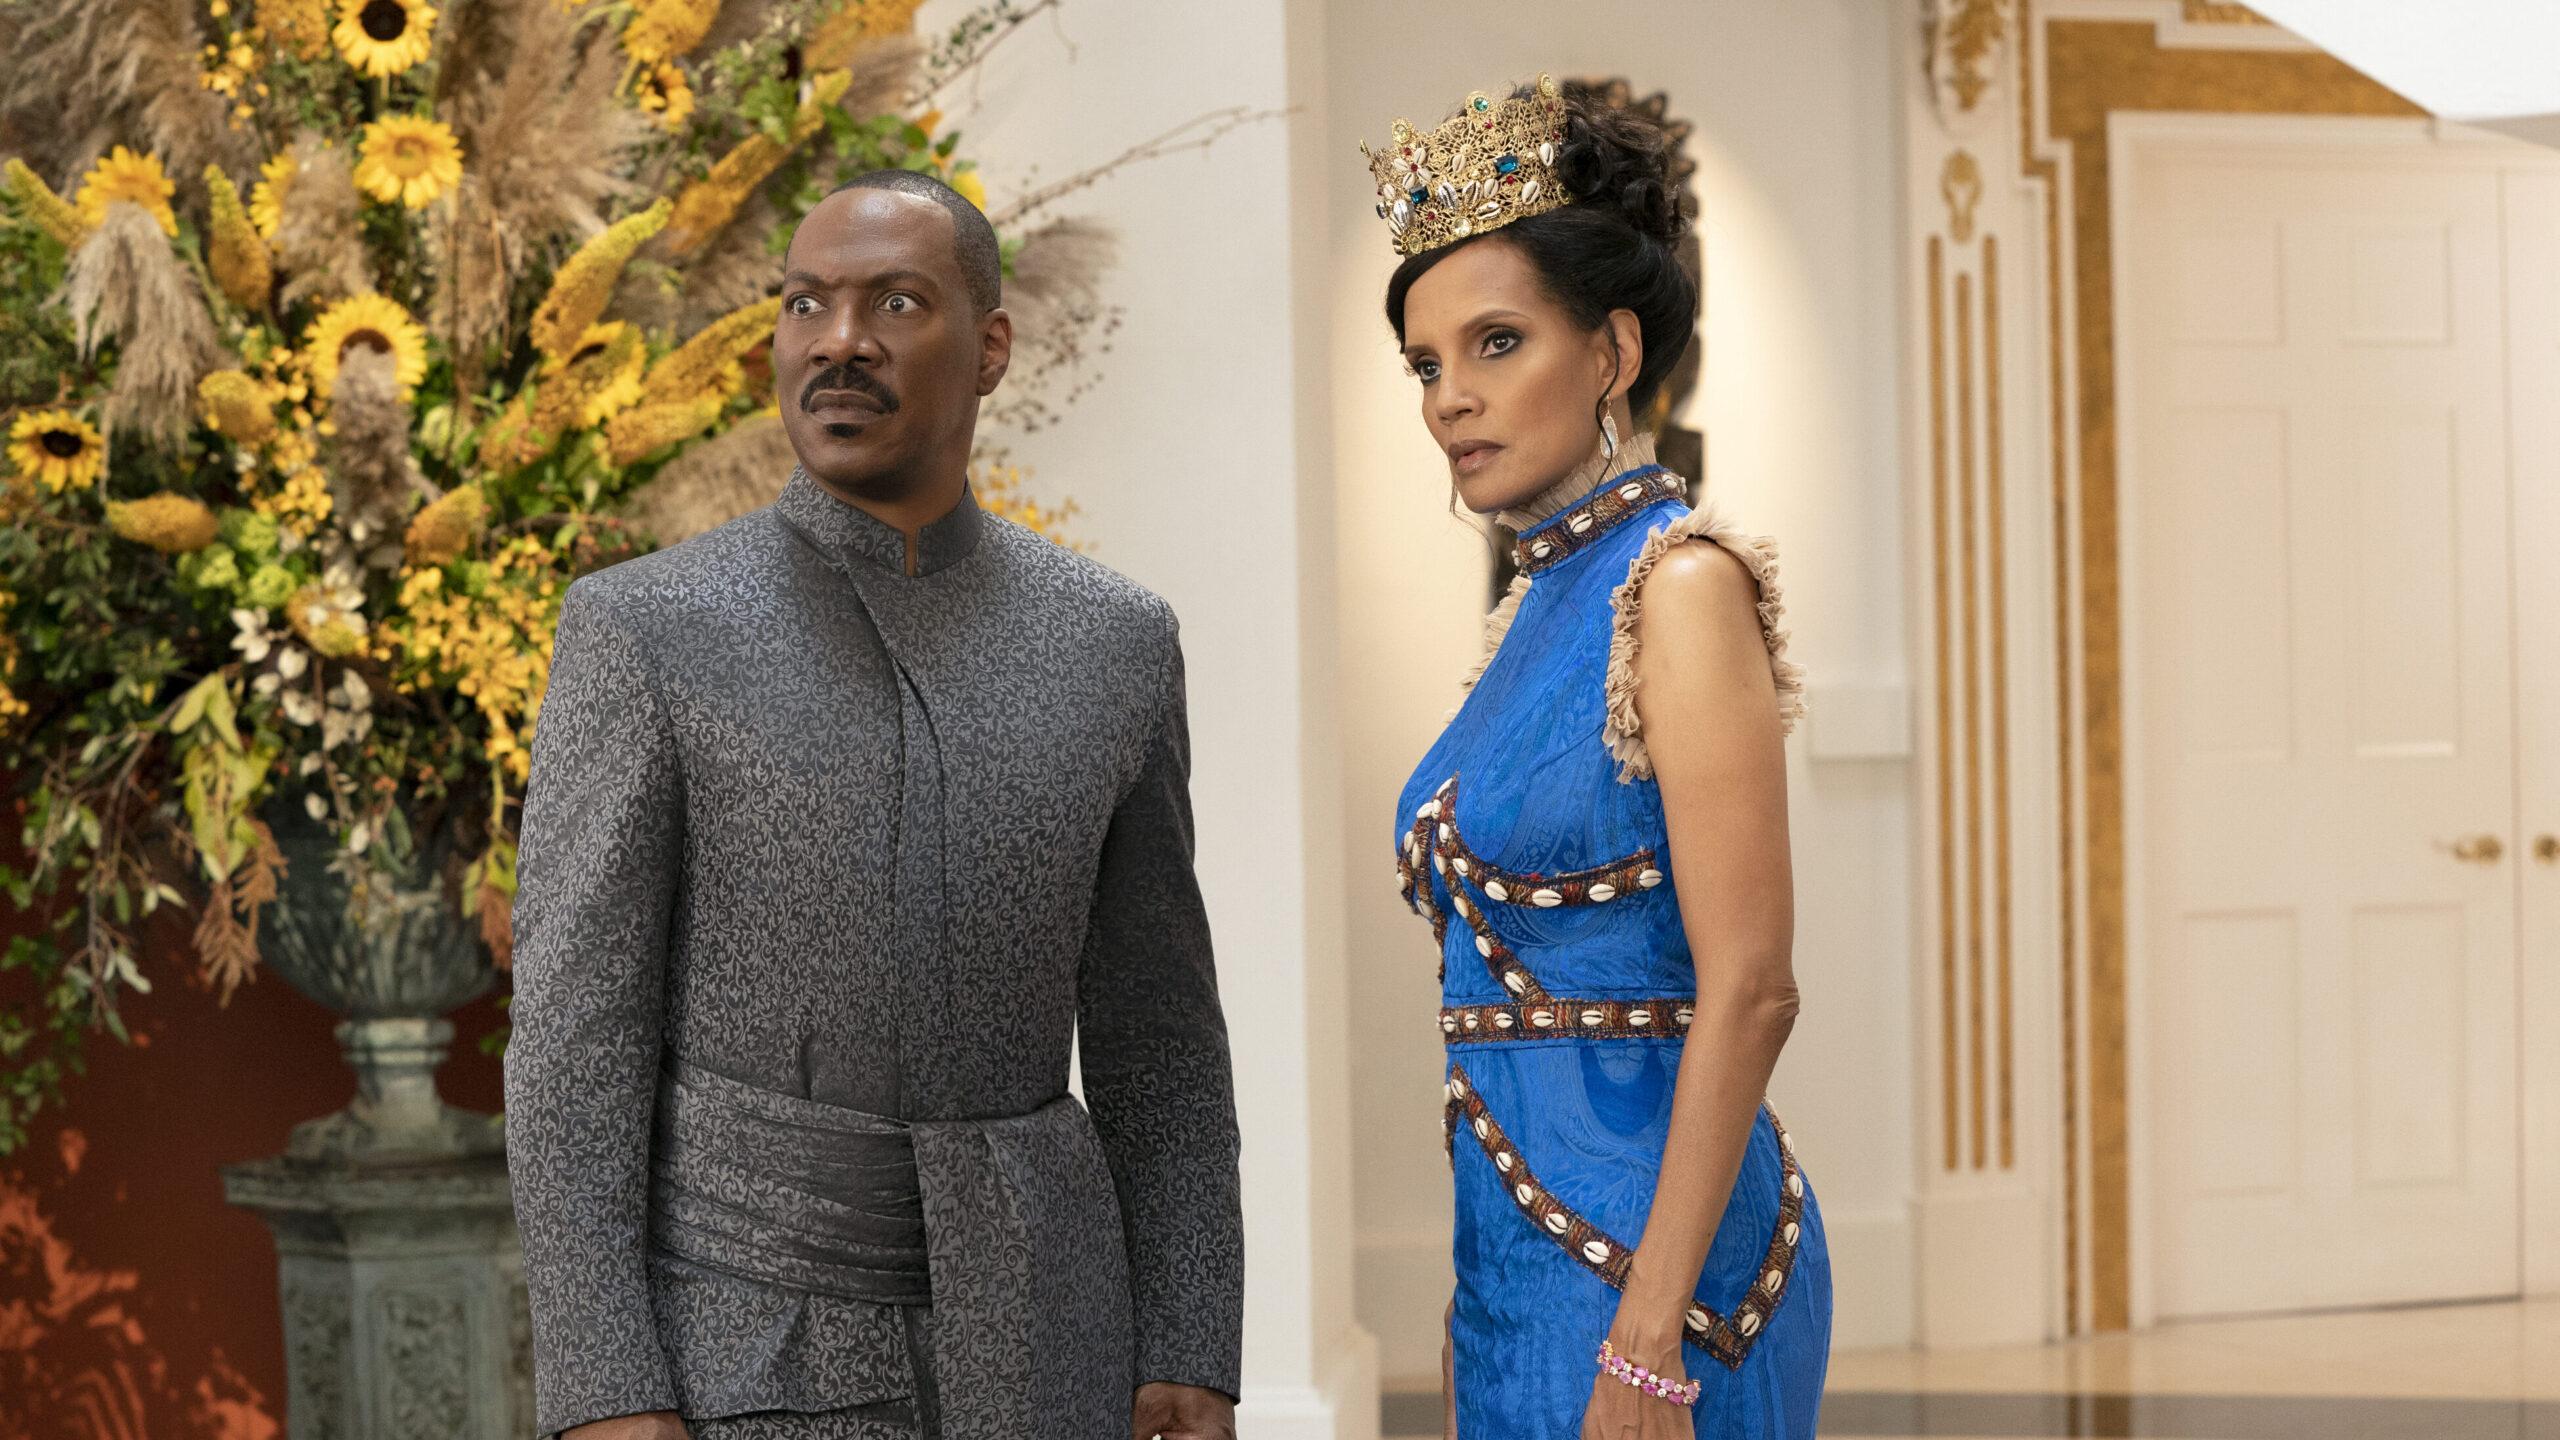 Crítica de 'El Rey de Zamunda', una secuela con buenos momentos • En tu pantalla